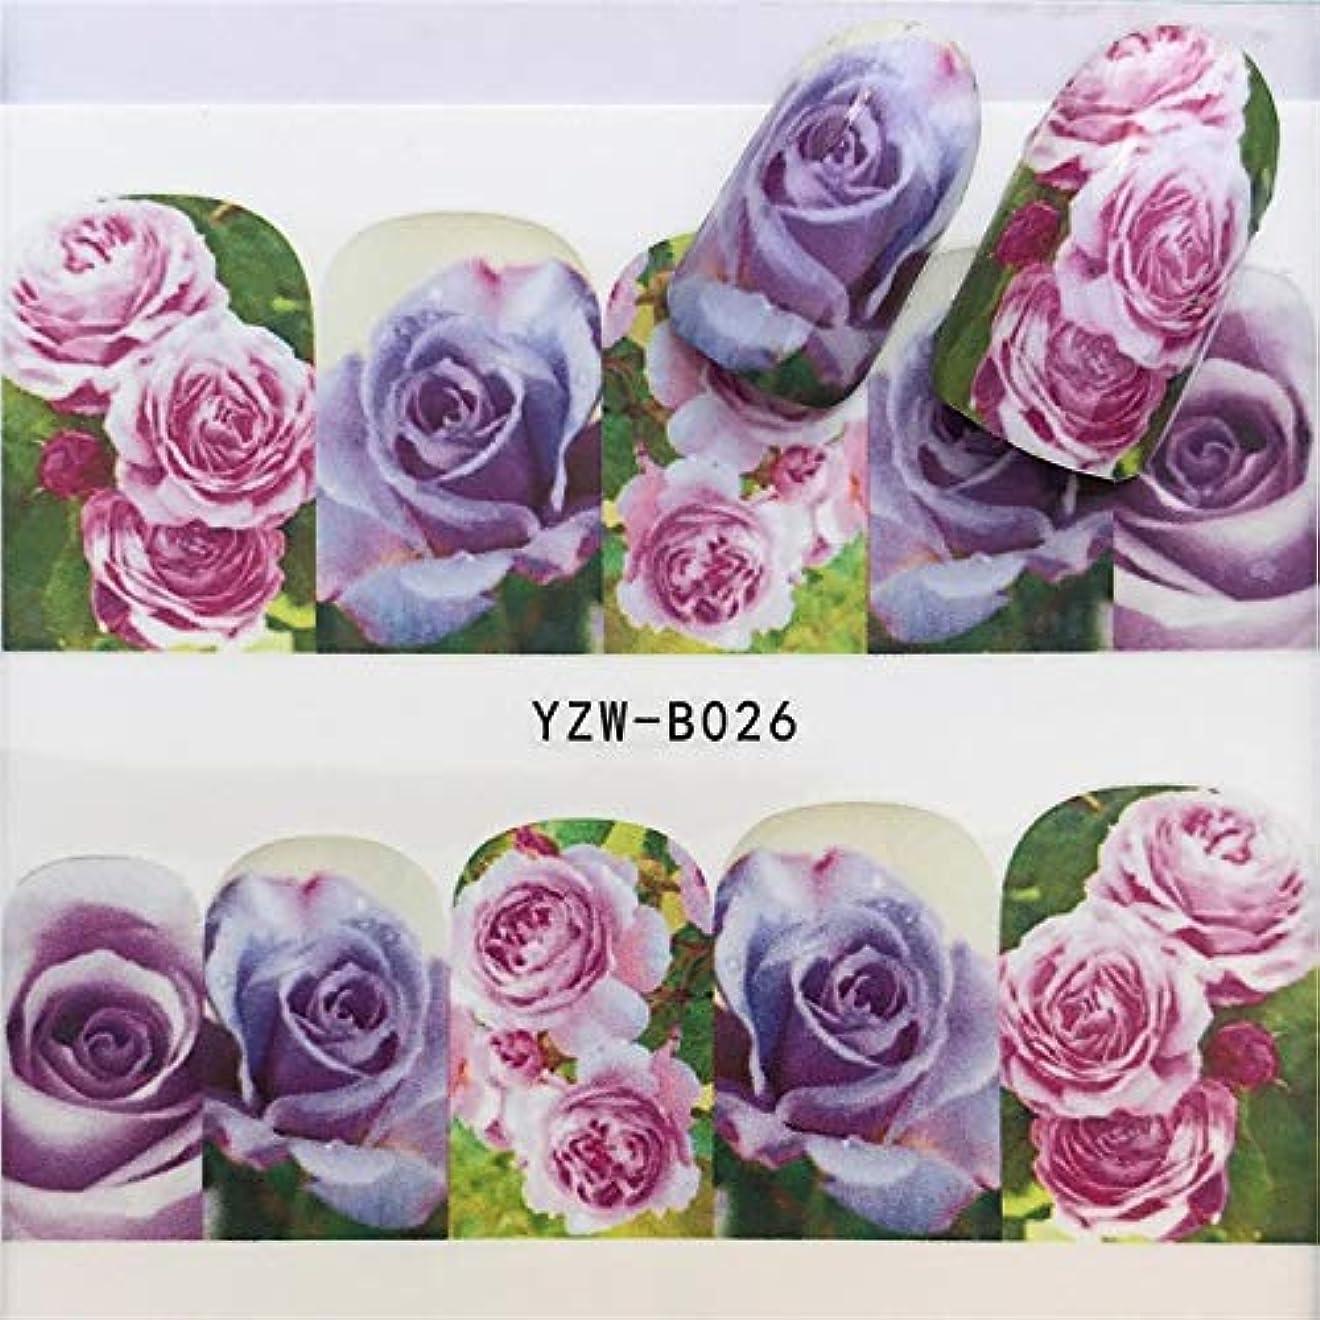 結婚した中に起こるビューティー&パーソナルケア 3個ネイルステッカーセットデカール水転写スライダーネイルアートデコレーション、色:YZWB026 ステッカー&デカール